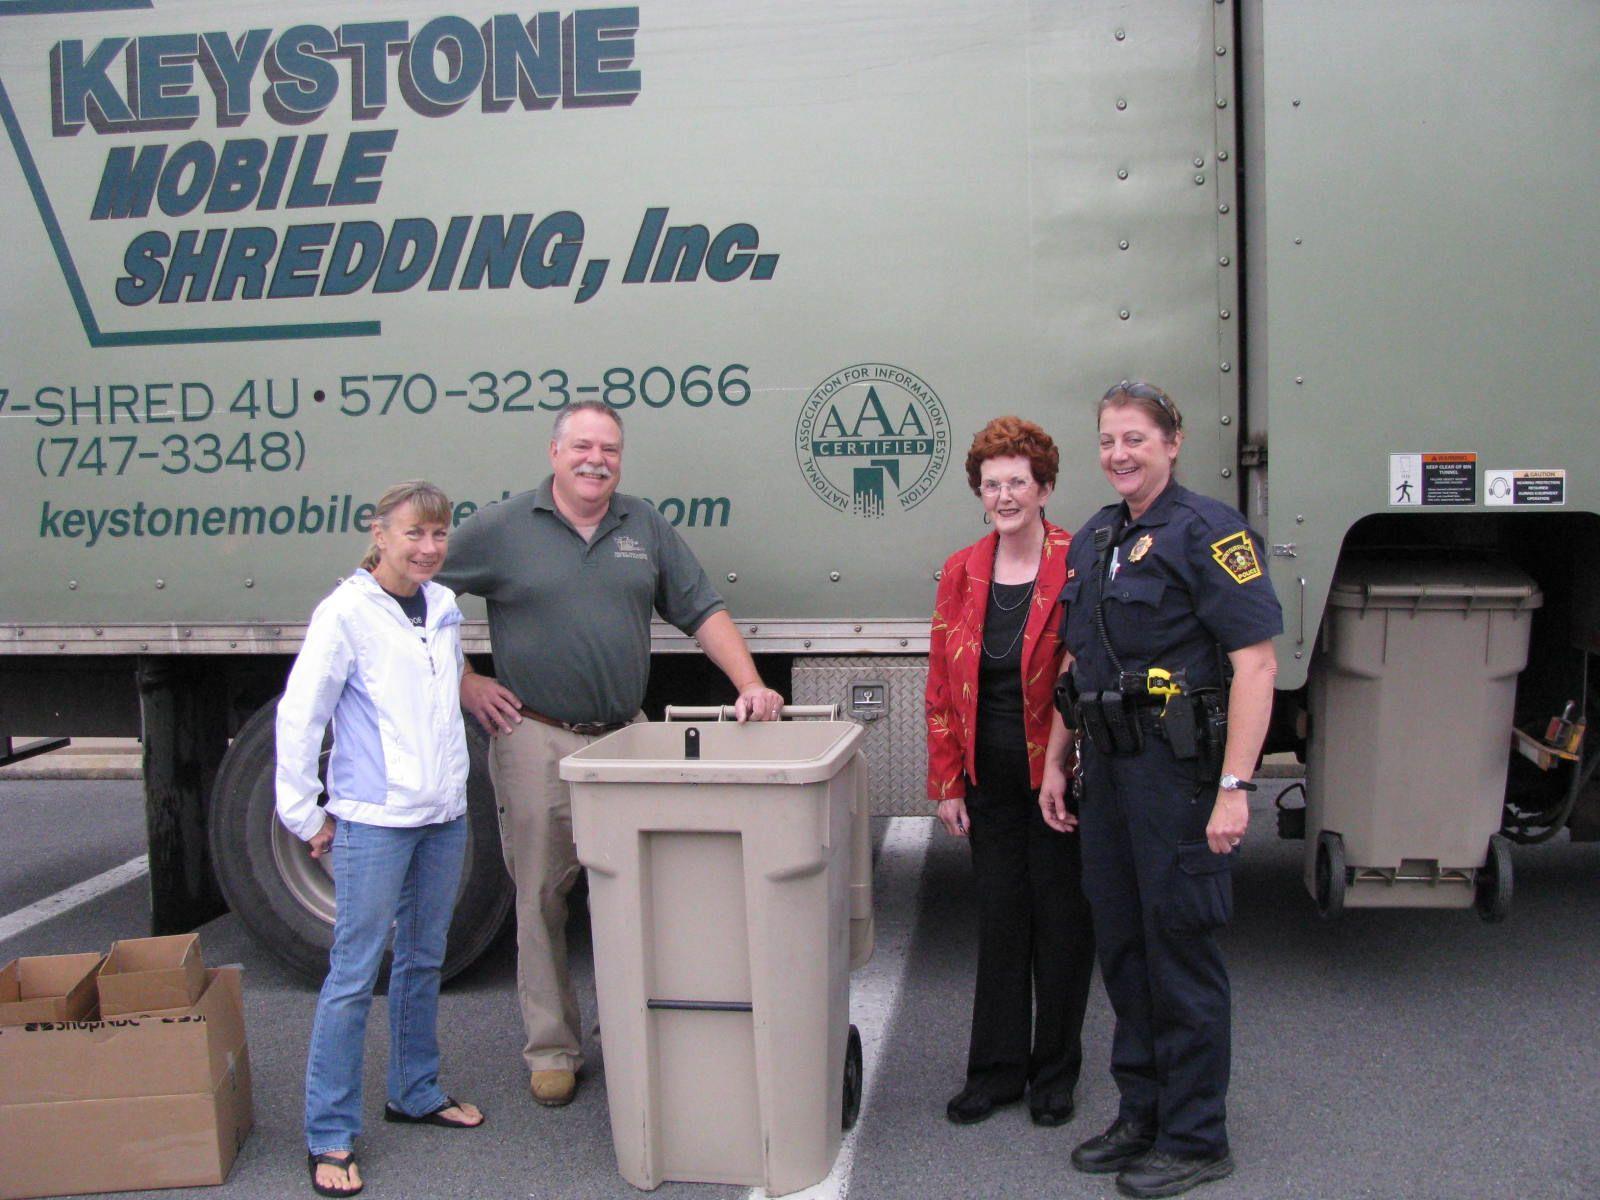 Keystone Mobile Shredding shows off its NAID logo as staff